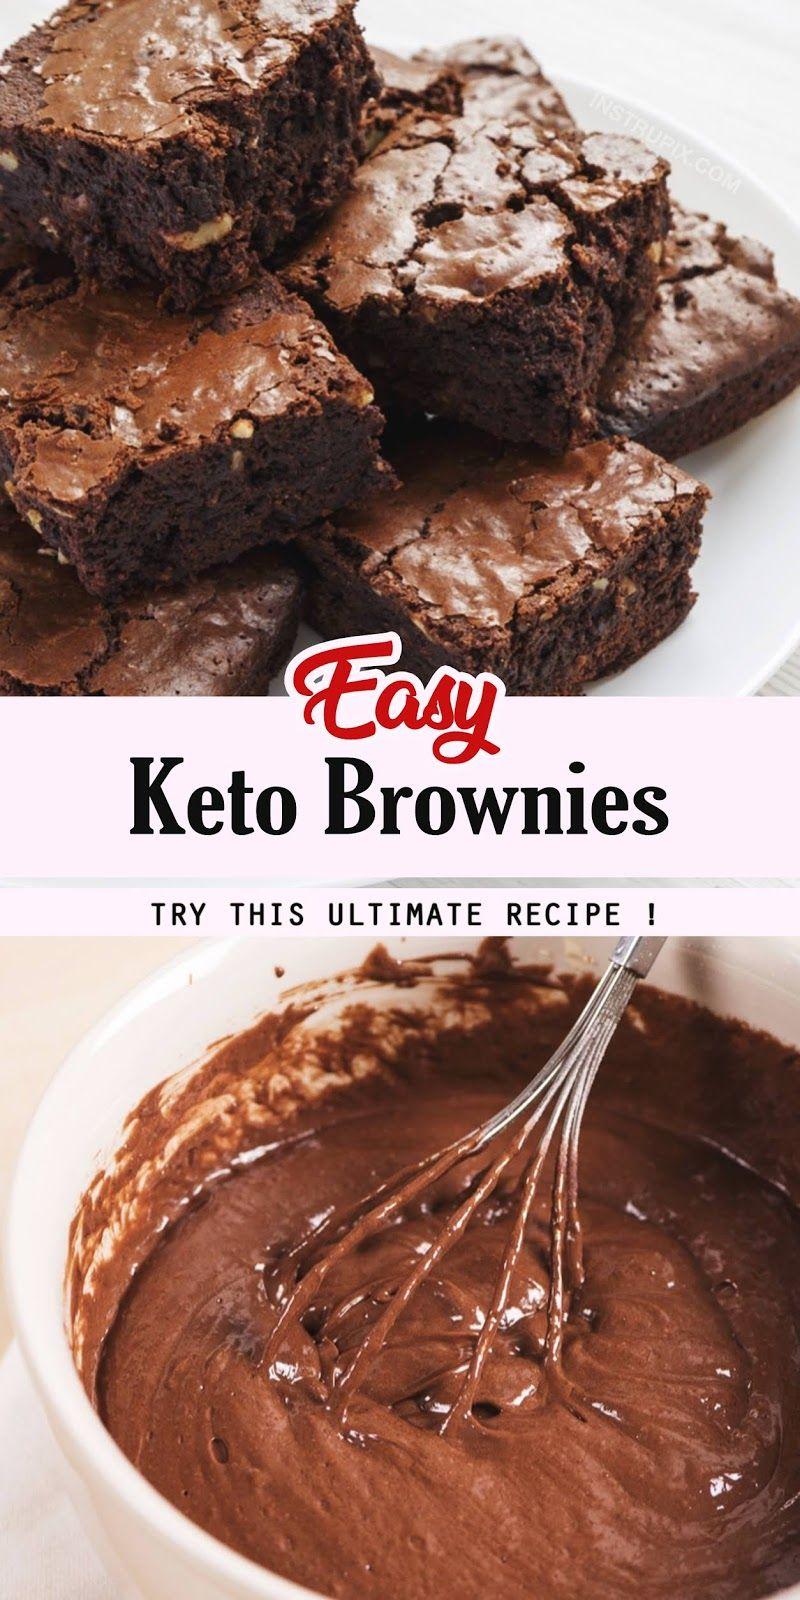 Easy Keto Brownies